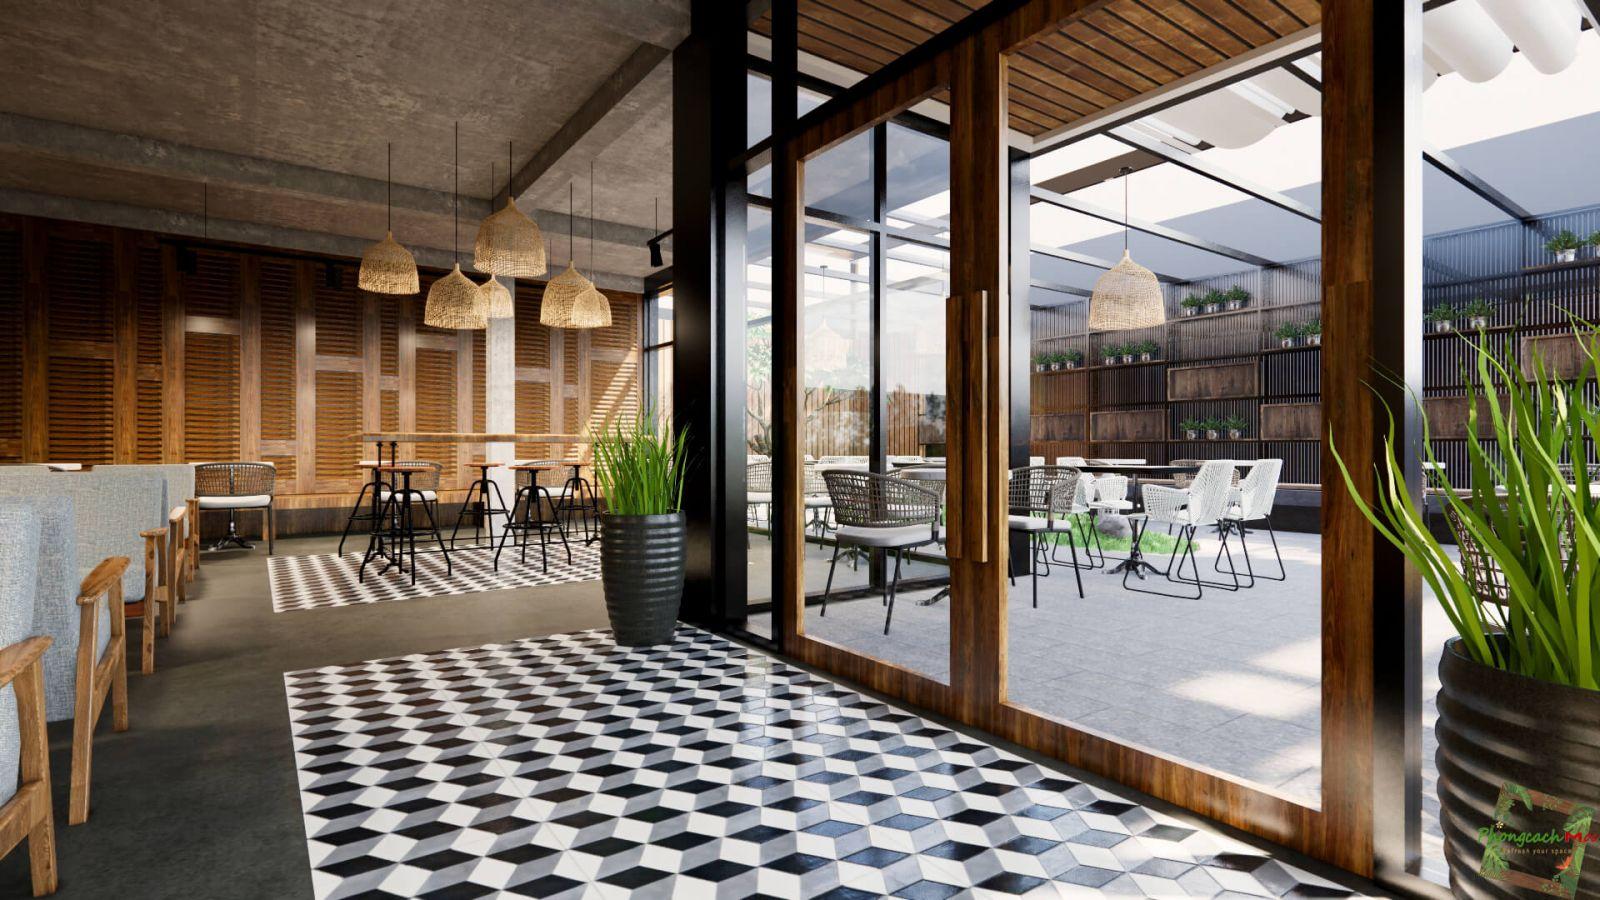 thiết kế không gian mở quán cafe hiện đại